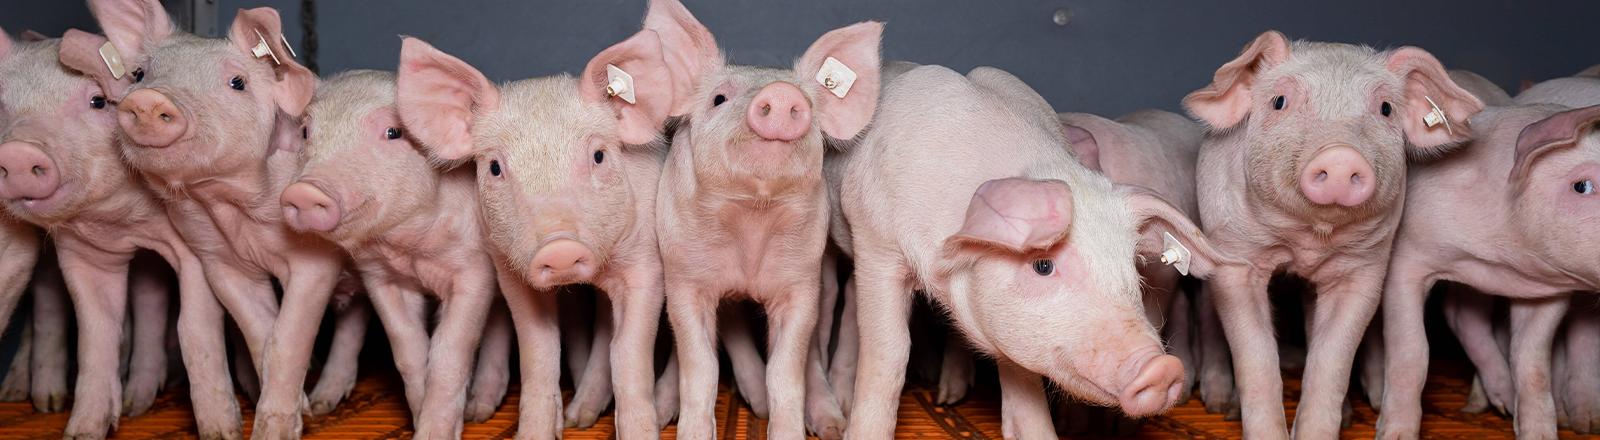 Mastschweine in einem konventionellen Massentierhaltungsbetrieb